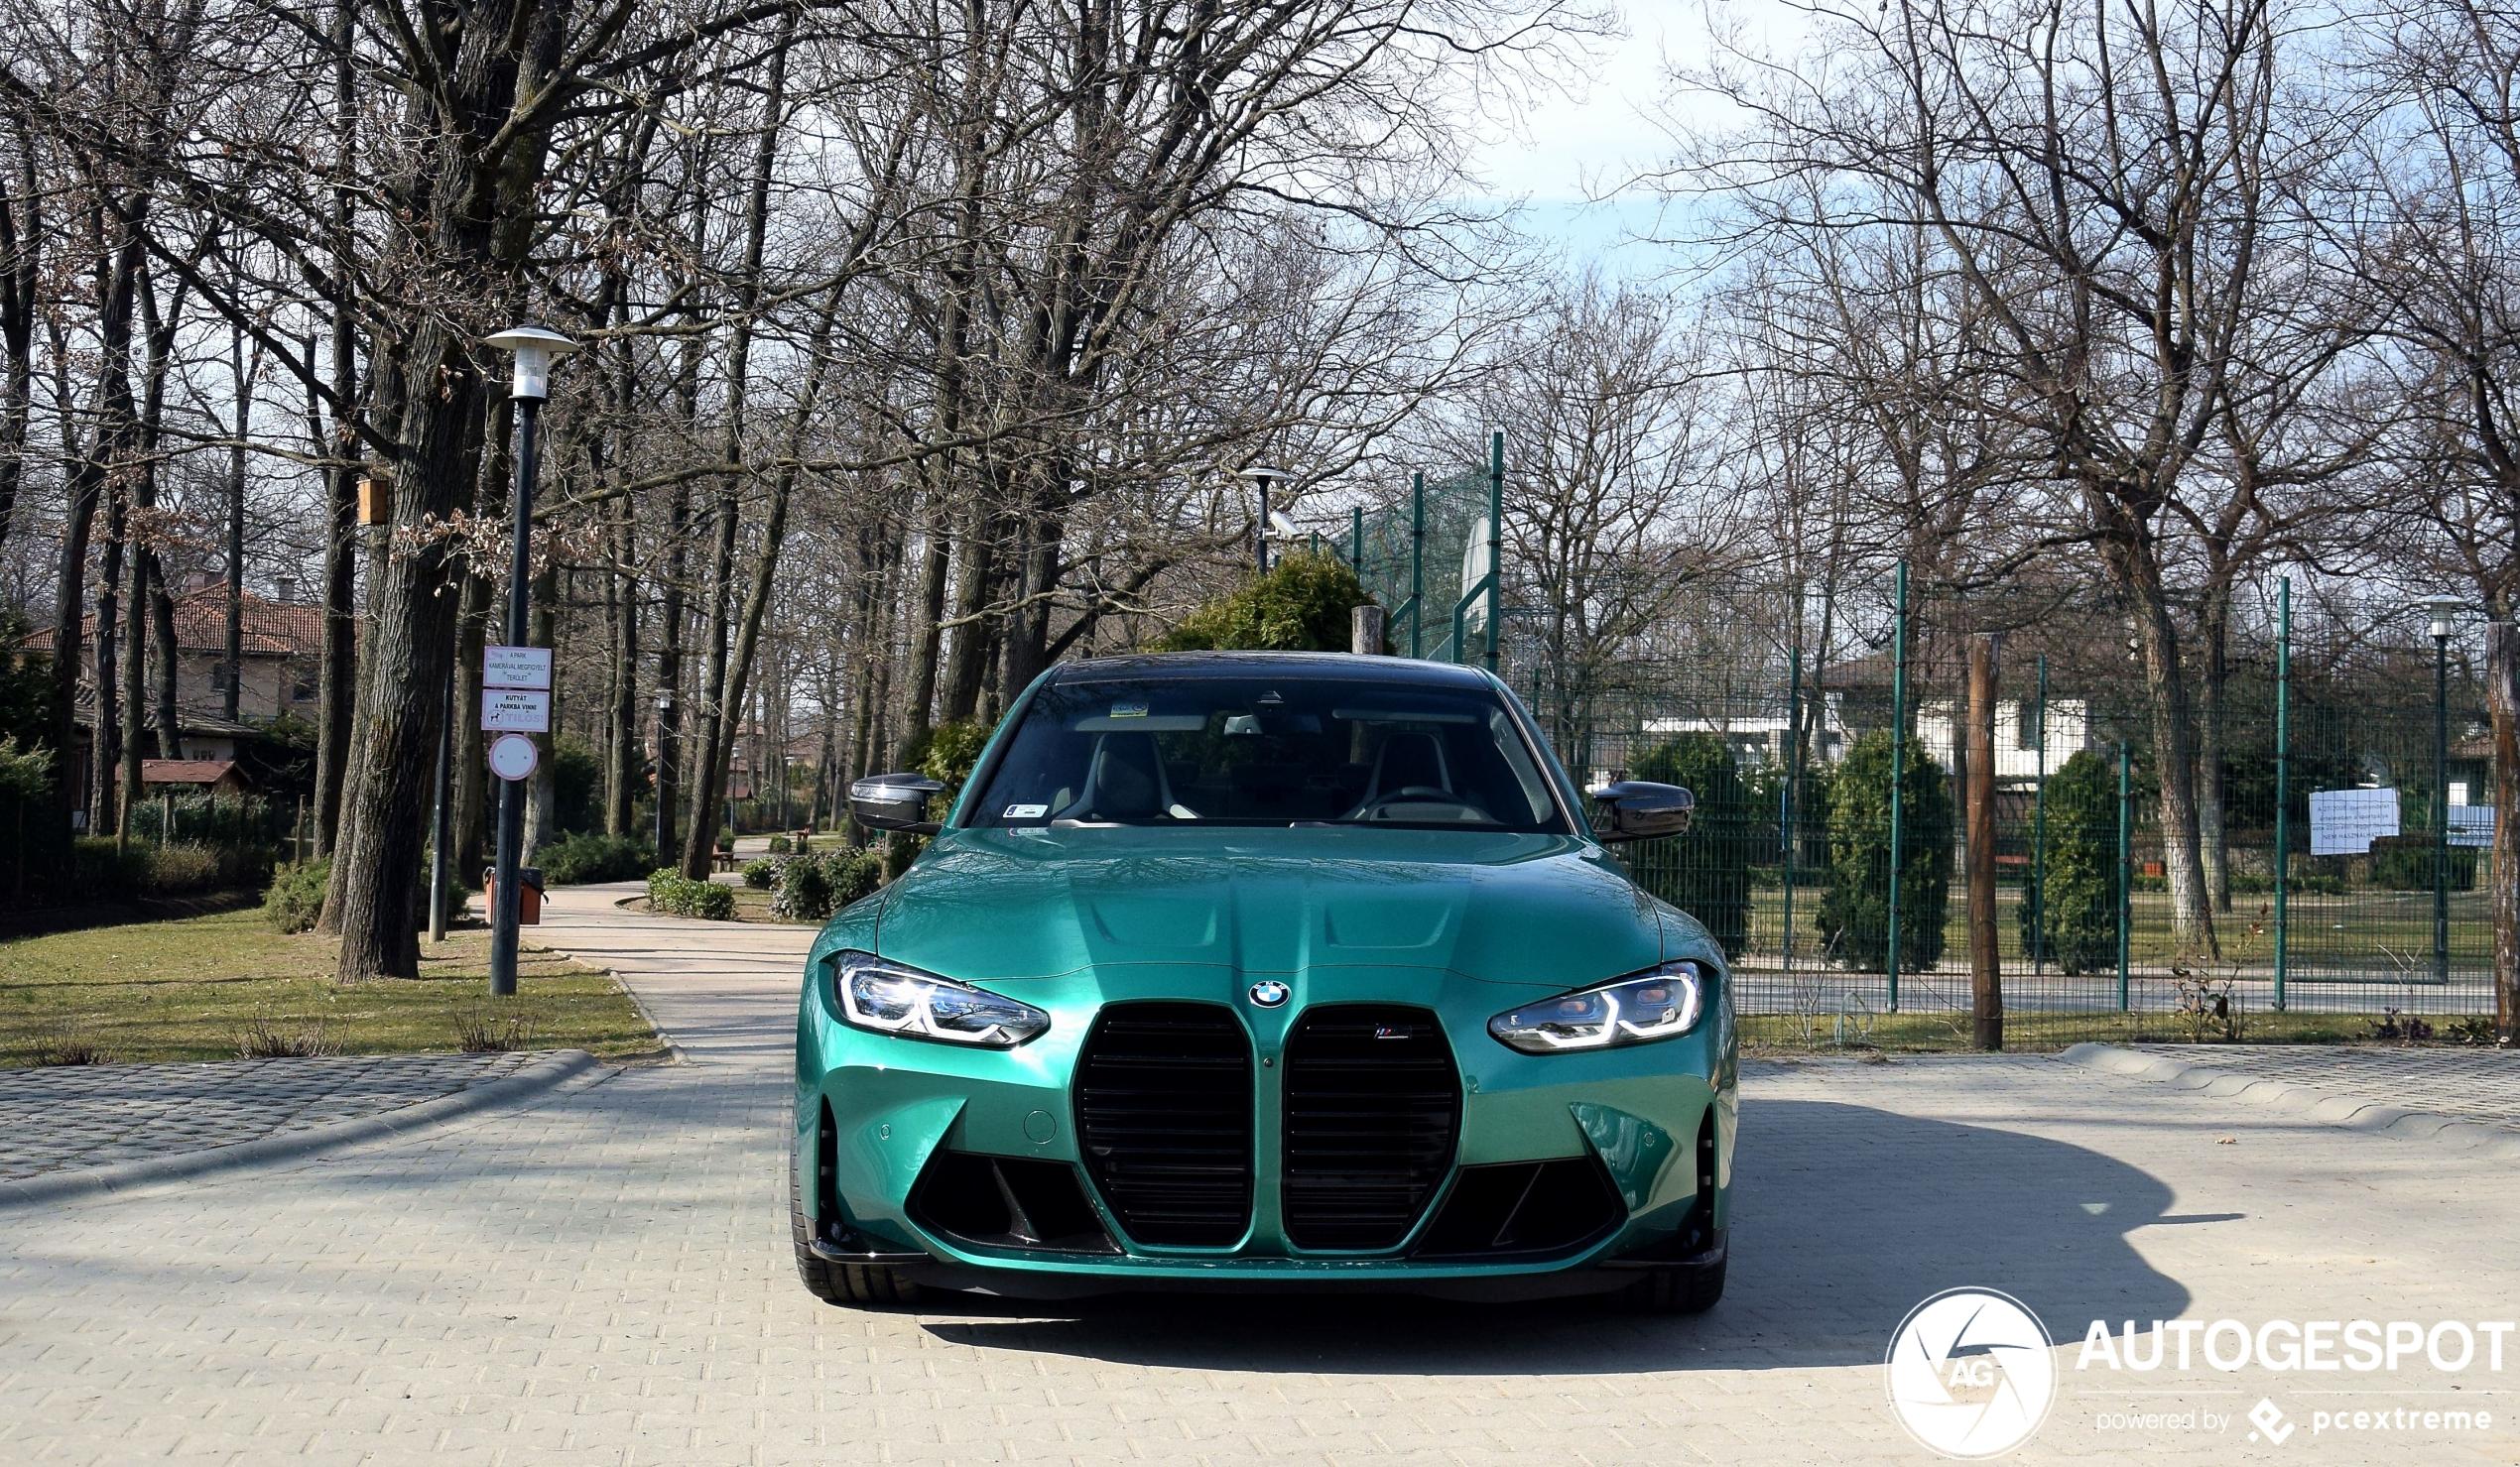 De BMW M3 G80 Competition kennen we nog maar in één kleur